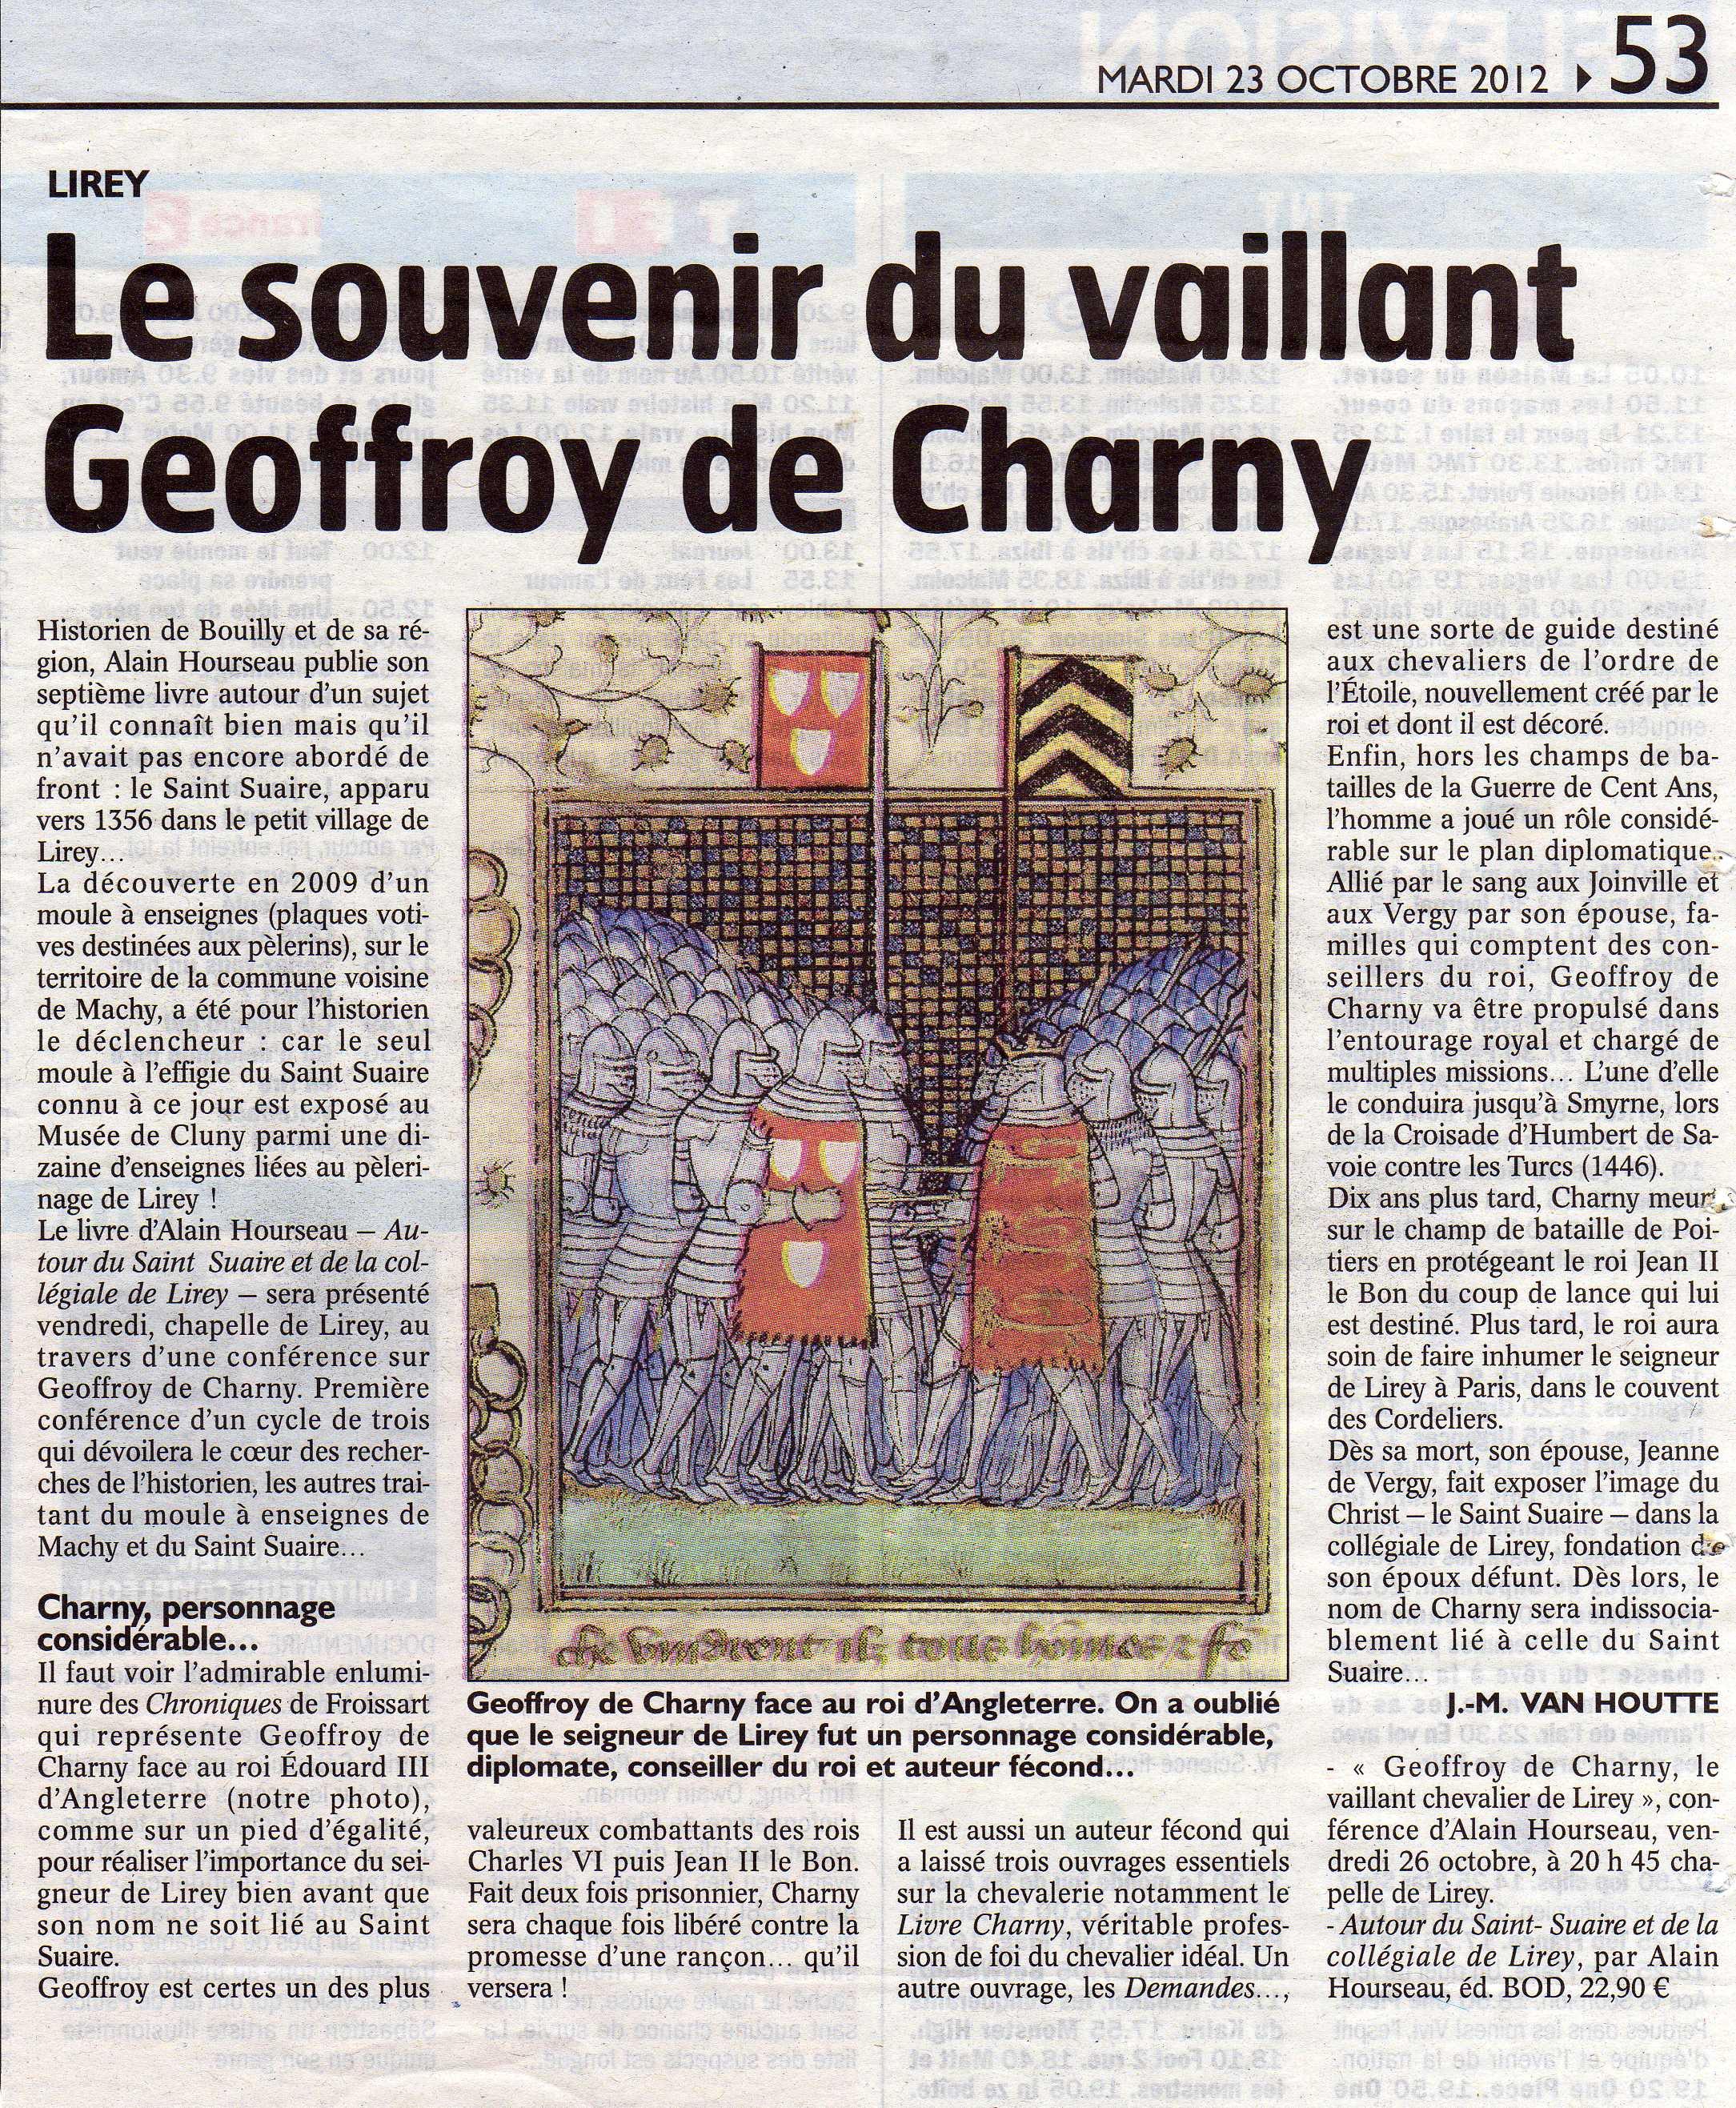 Image de l'article 'Le souvenir du vaillant Geoffroy de Charn'